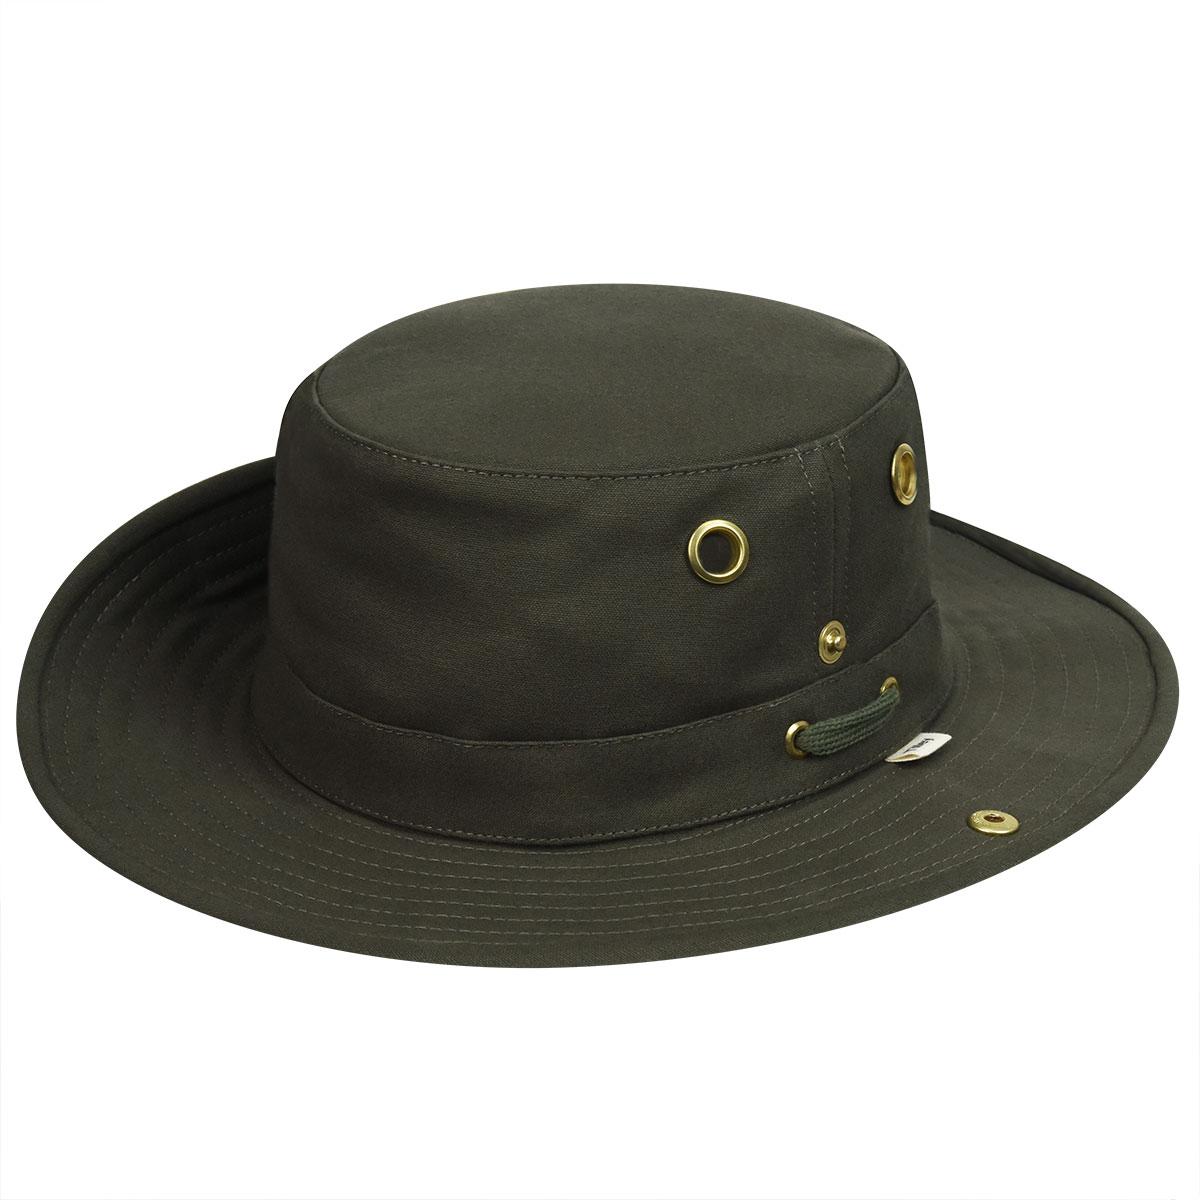 Tilley Tilley Cotton Duck Hat in Olive